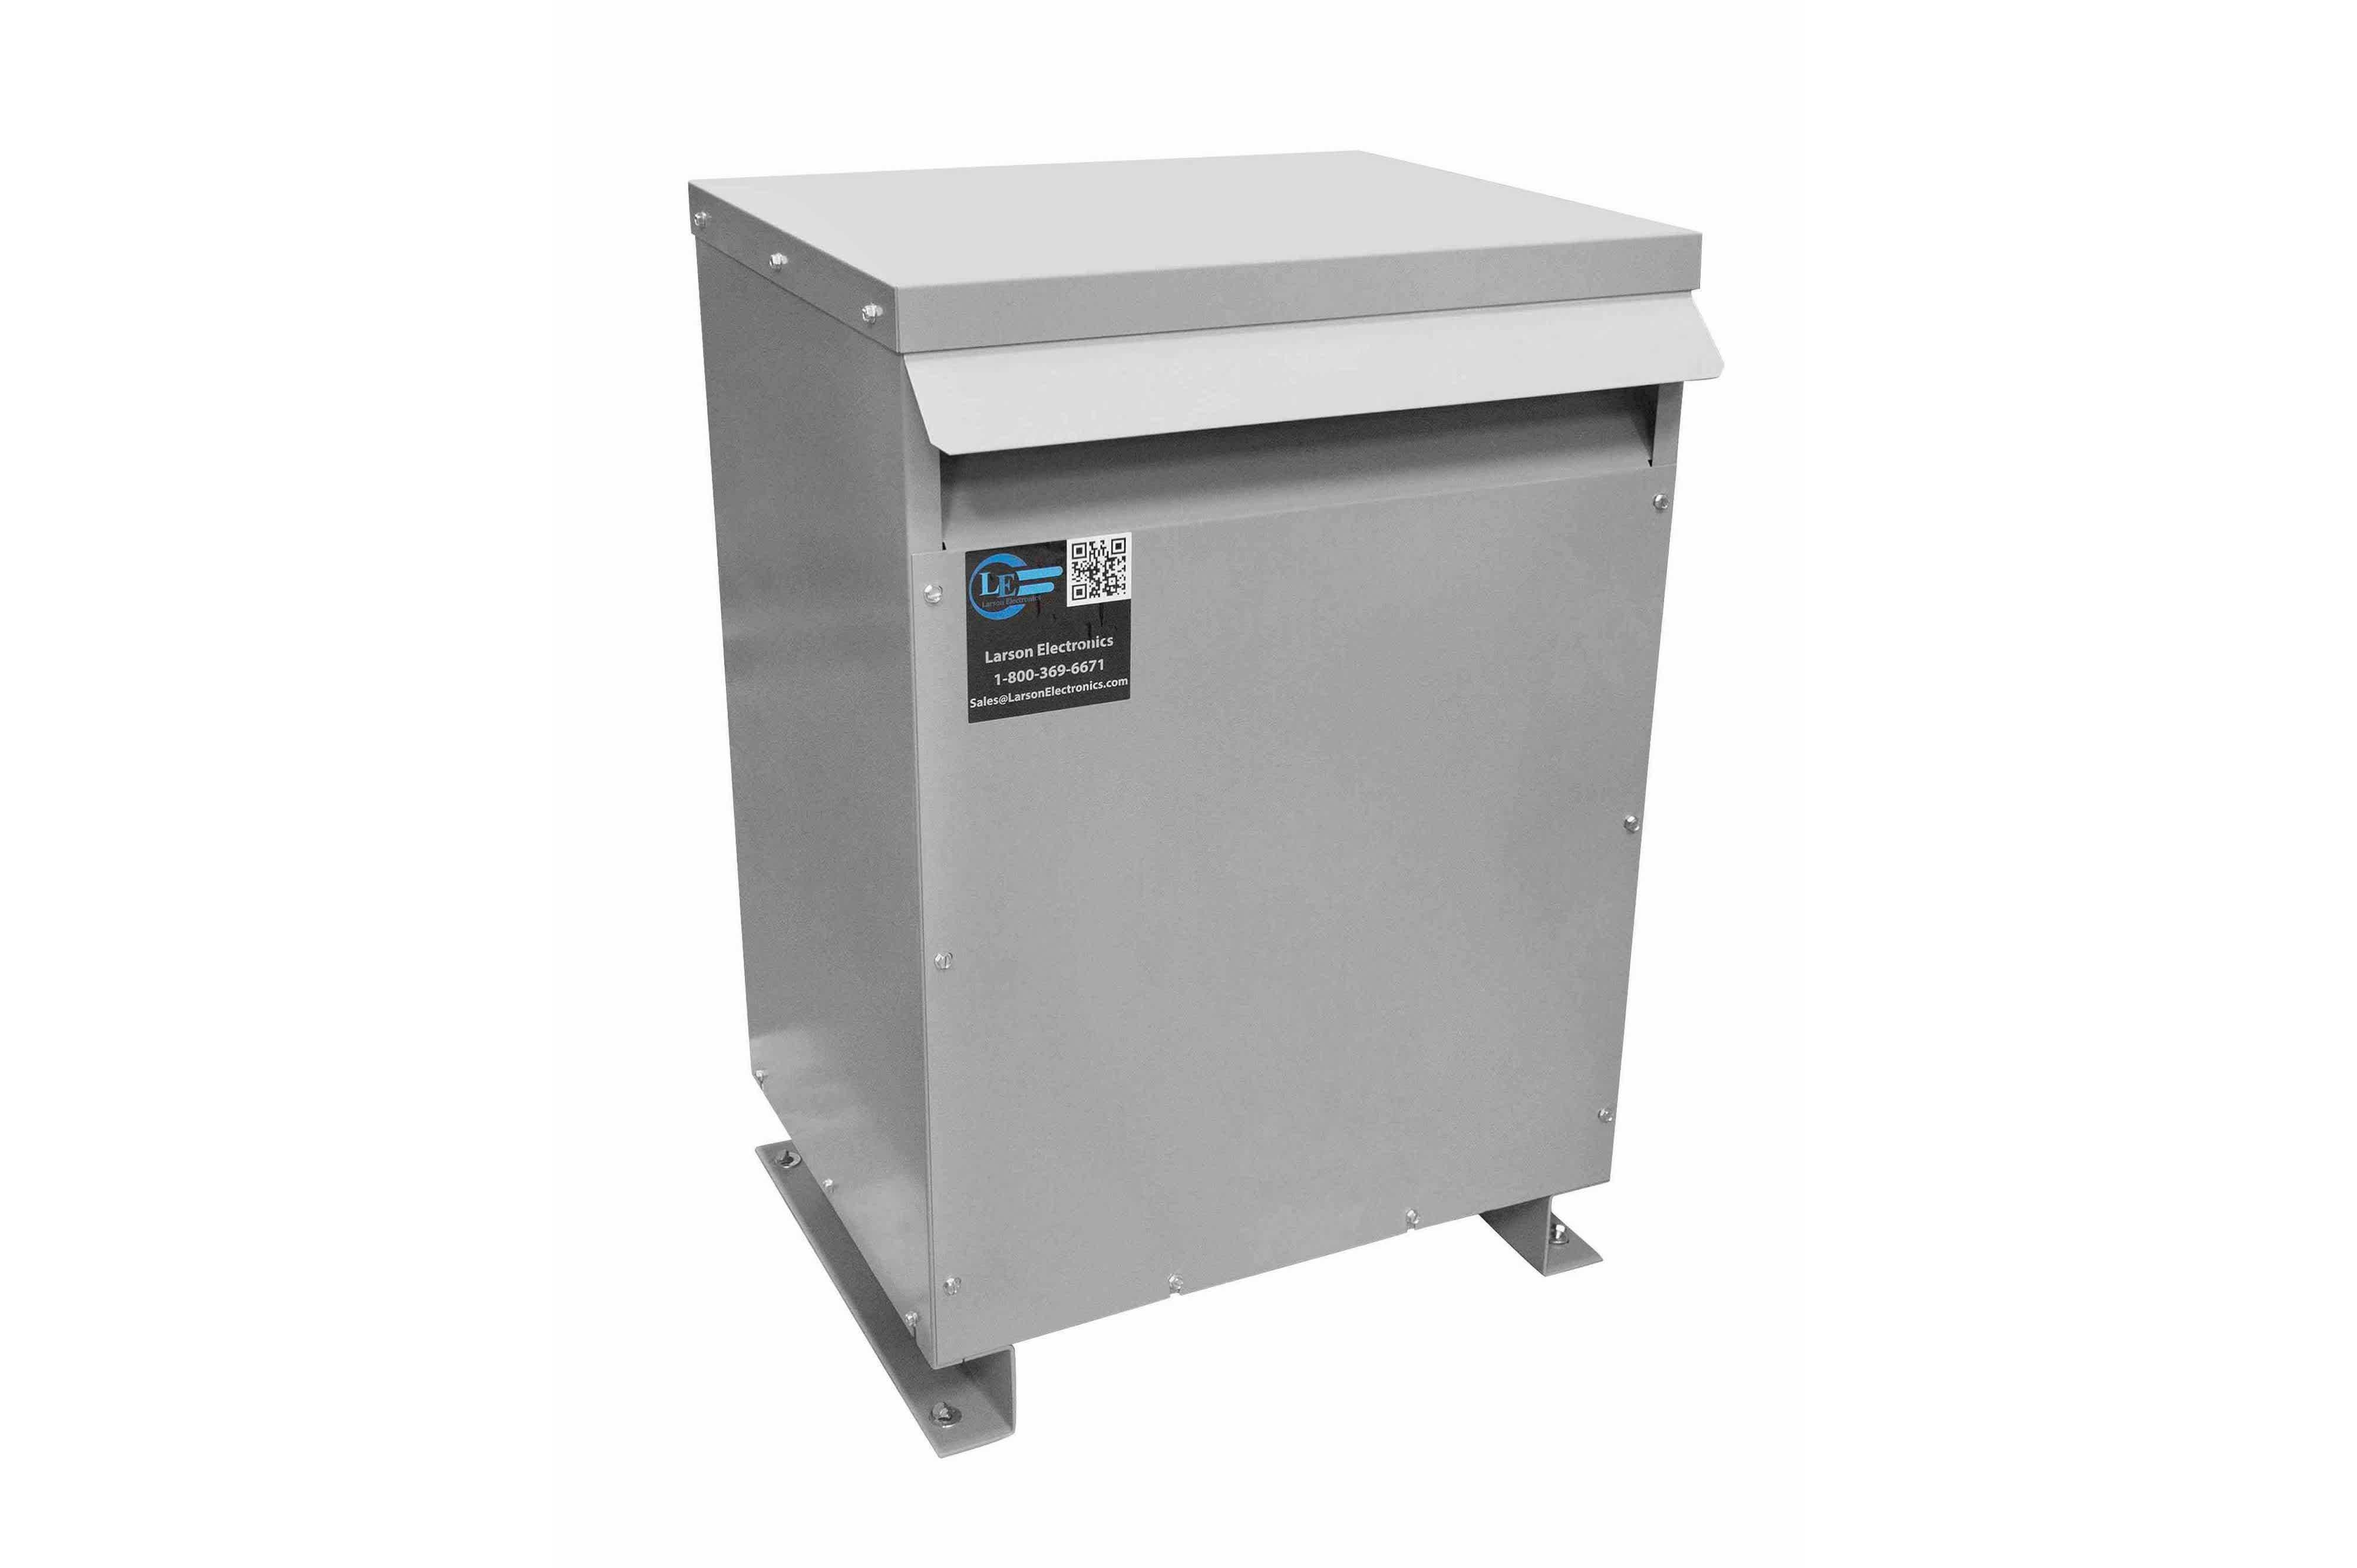 42.5 kVA 3PH Isolation Transformer, 460V Delta Primary, 380V Delta Secondary, N3R, Ventilated, 60 Hz